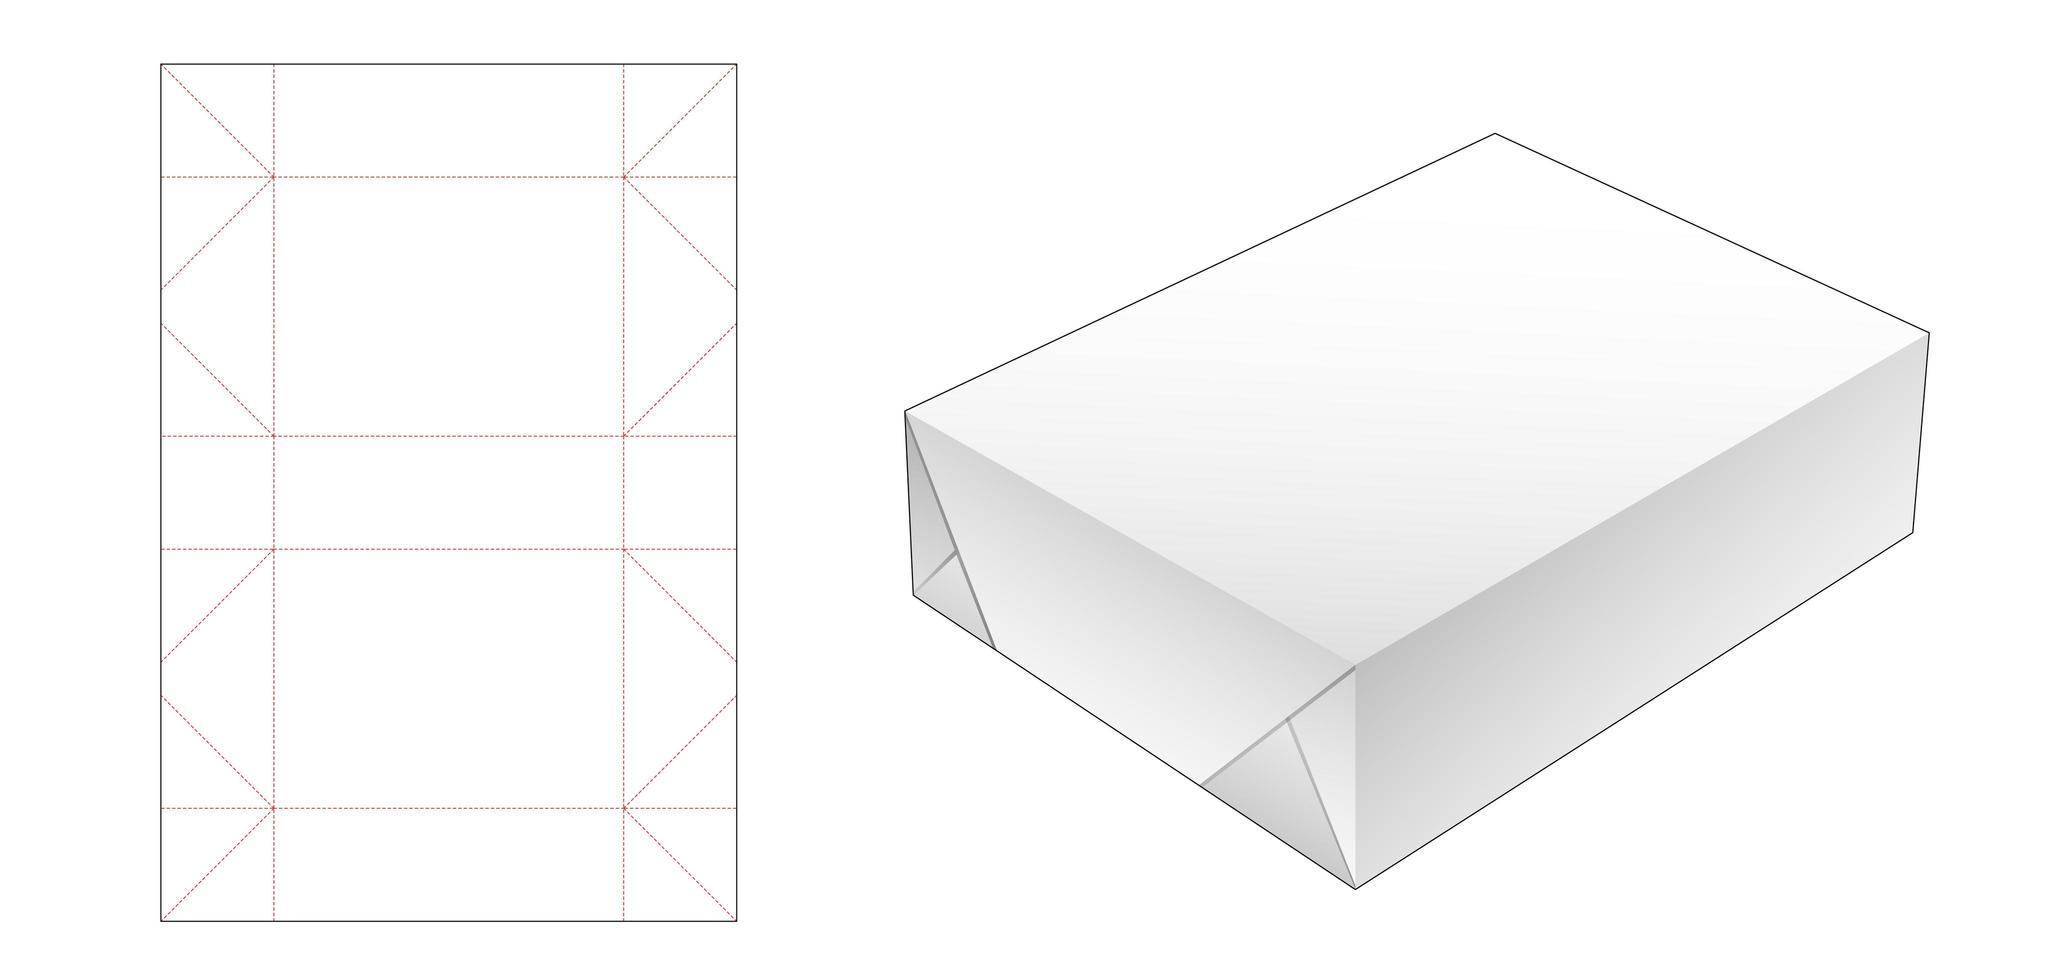 inpakpapier pakket vector